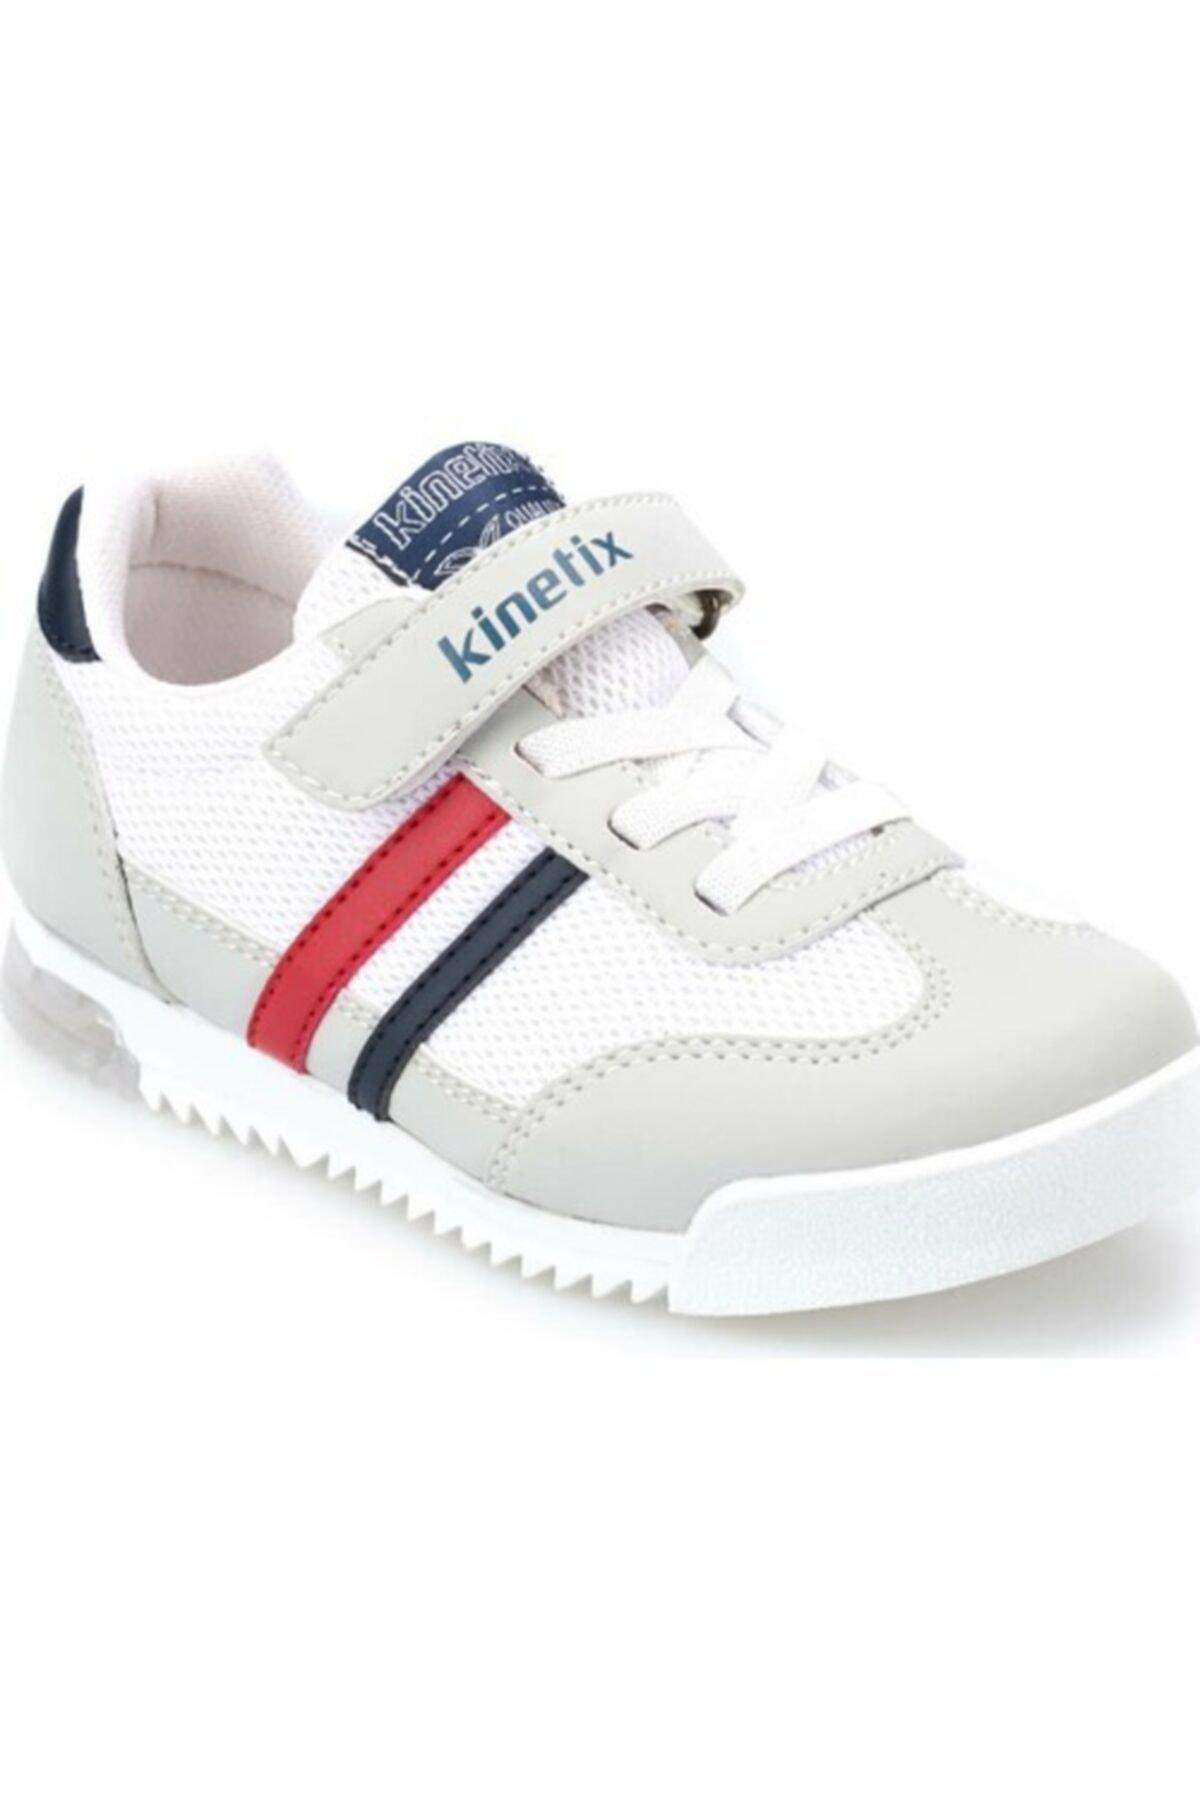 Kinetix HALLEY MESH J Açık Gri Erkek Çocuk Sneaker Ayakkabı 100355786 1